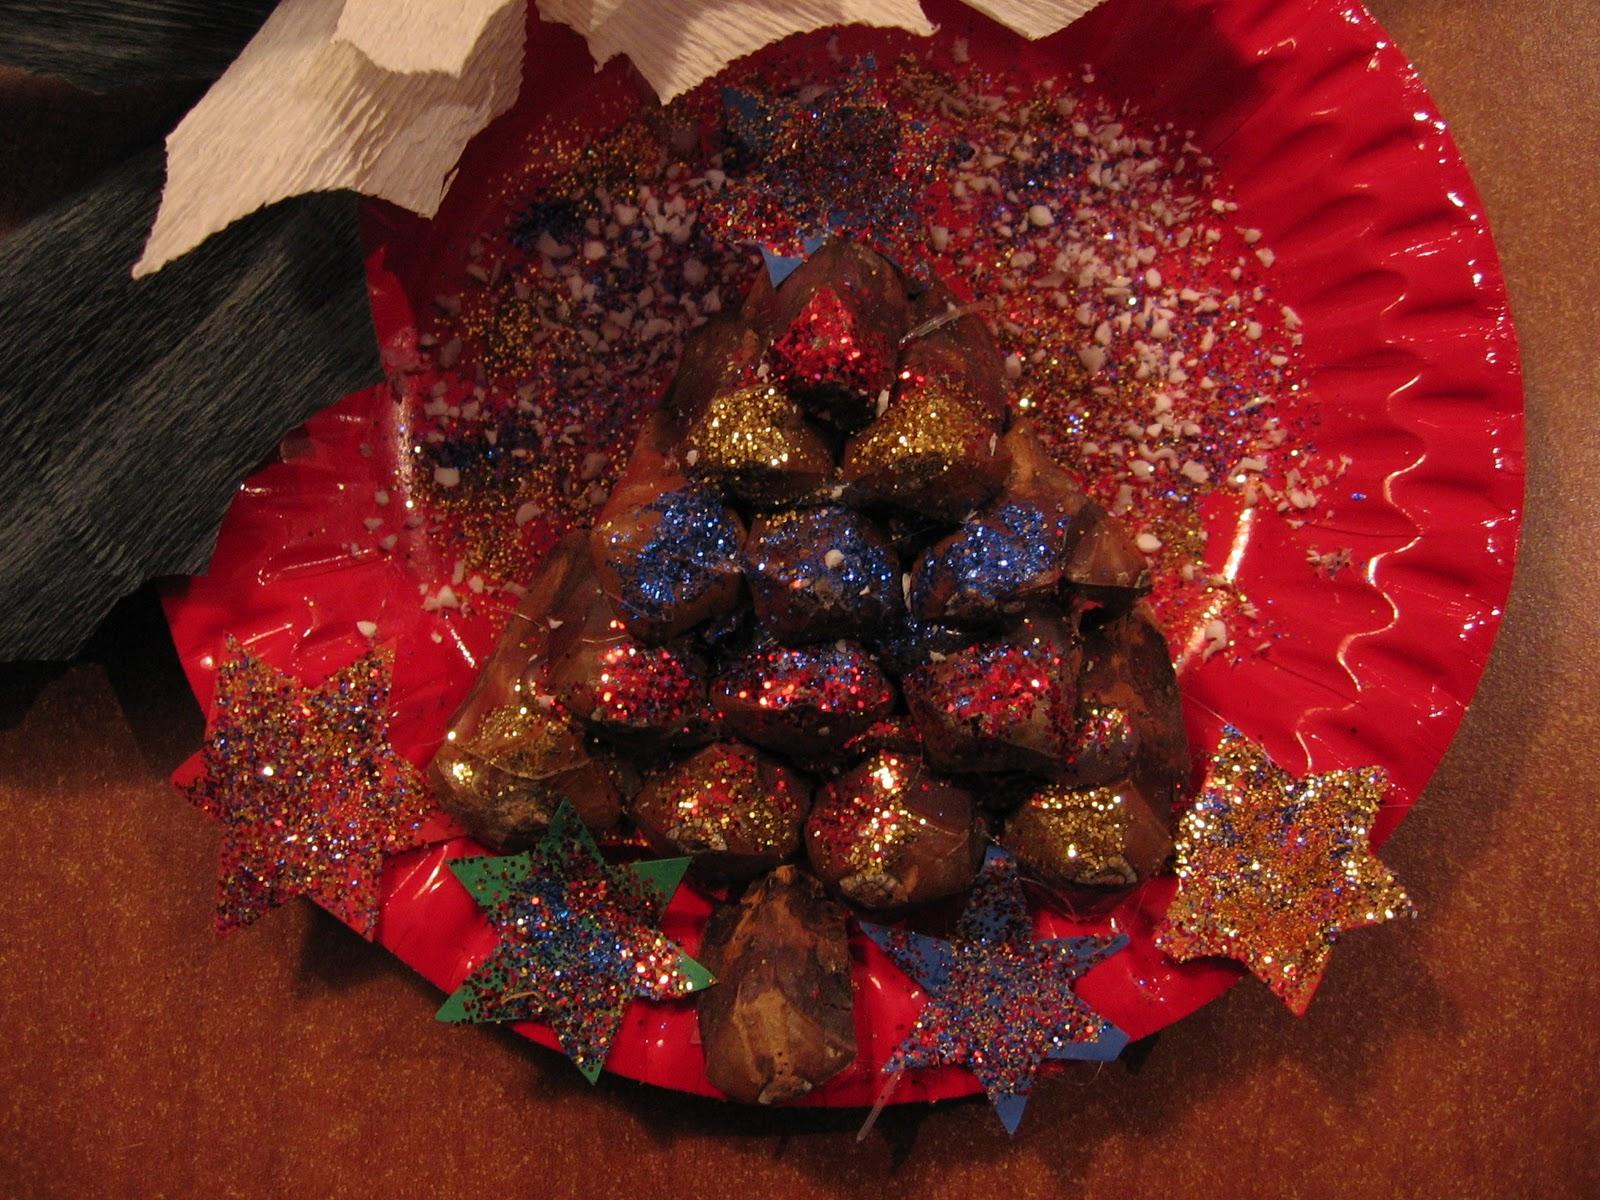 Dalla a allo zucchero decorazioni natalizie per la scuola materna - Decorazioni natalizie in cartoncino ...